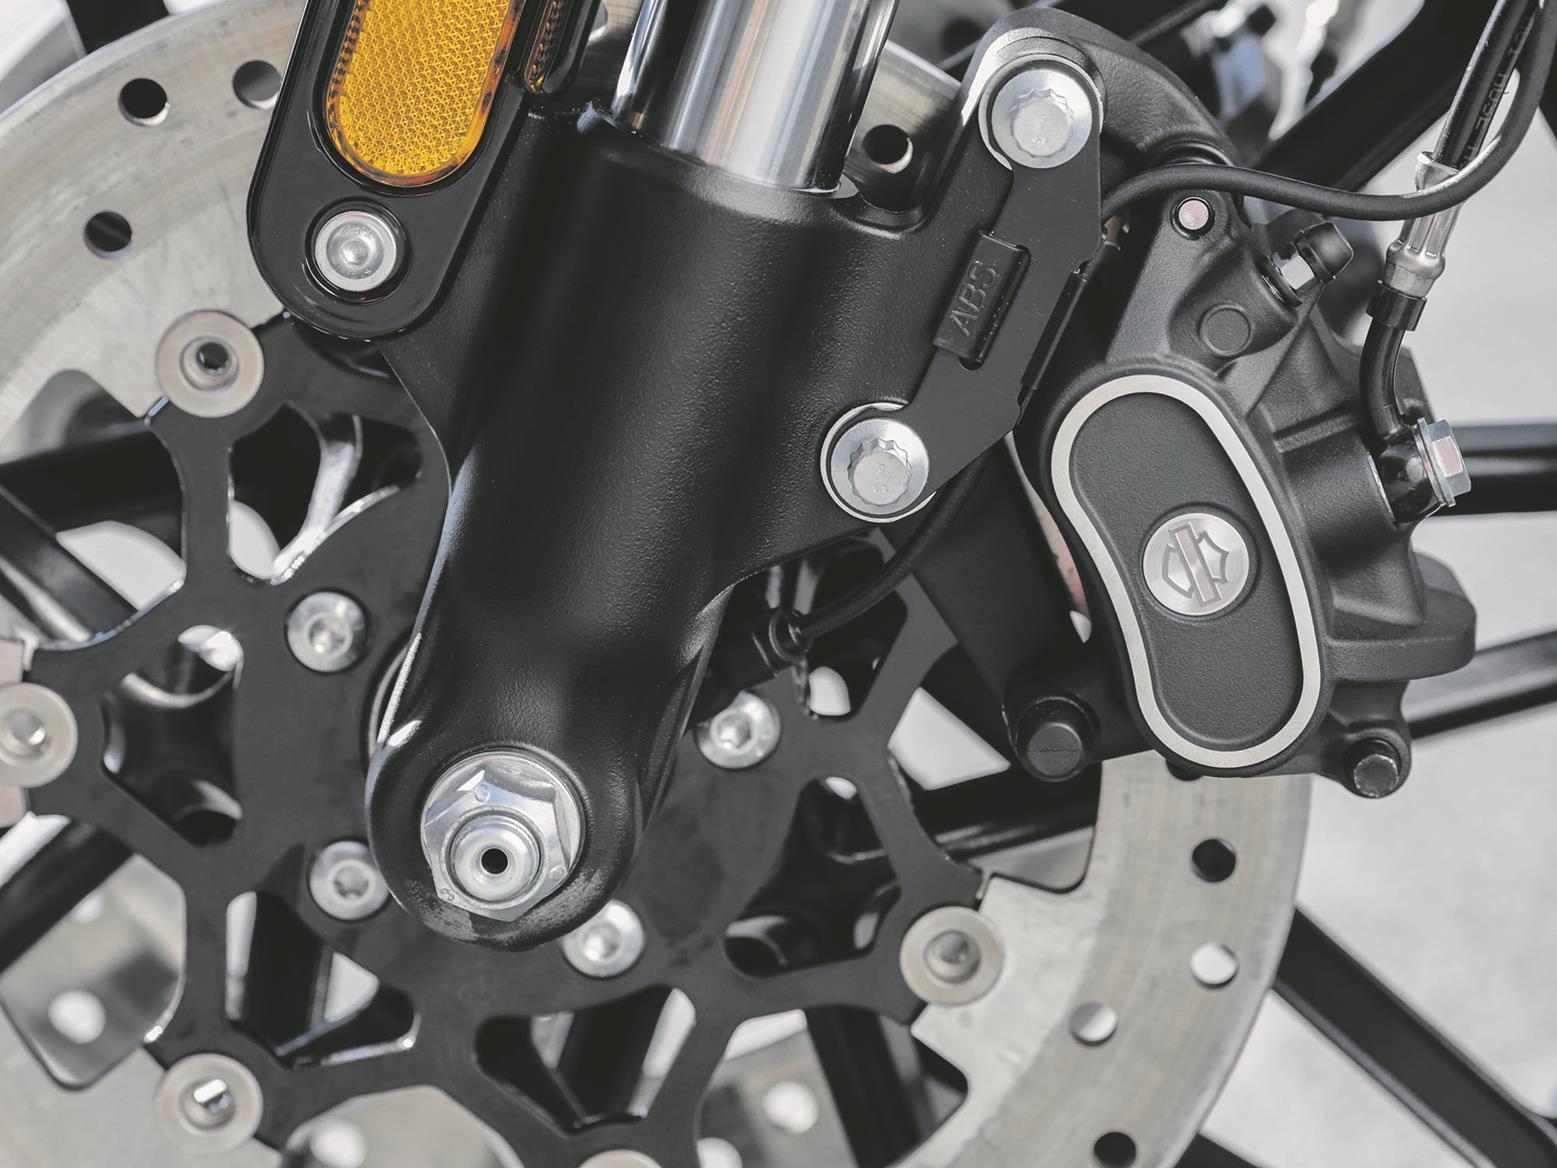 Harley-Davidson Roadster 1200 front brake